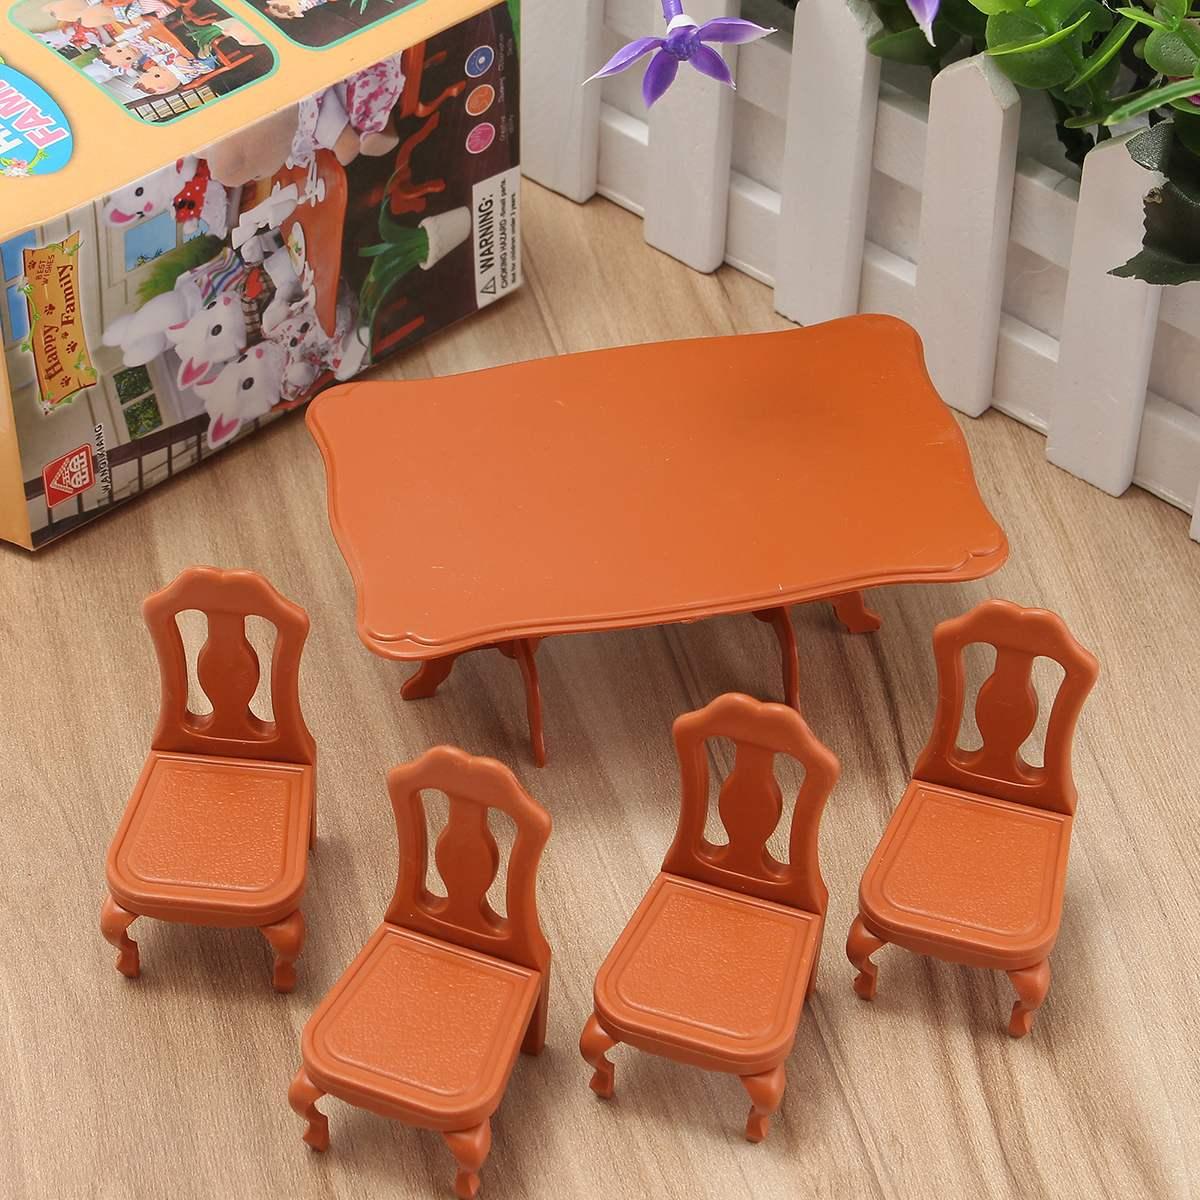 Bricolage joli Mini meubles maison de poupées Miniature Table à manger chaise ensemble enfants enfants cadeau jouets poupées maison accessoires Kits